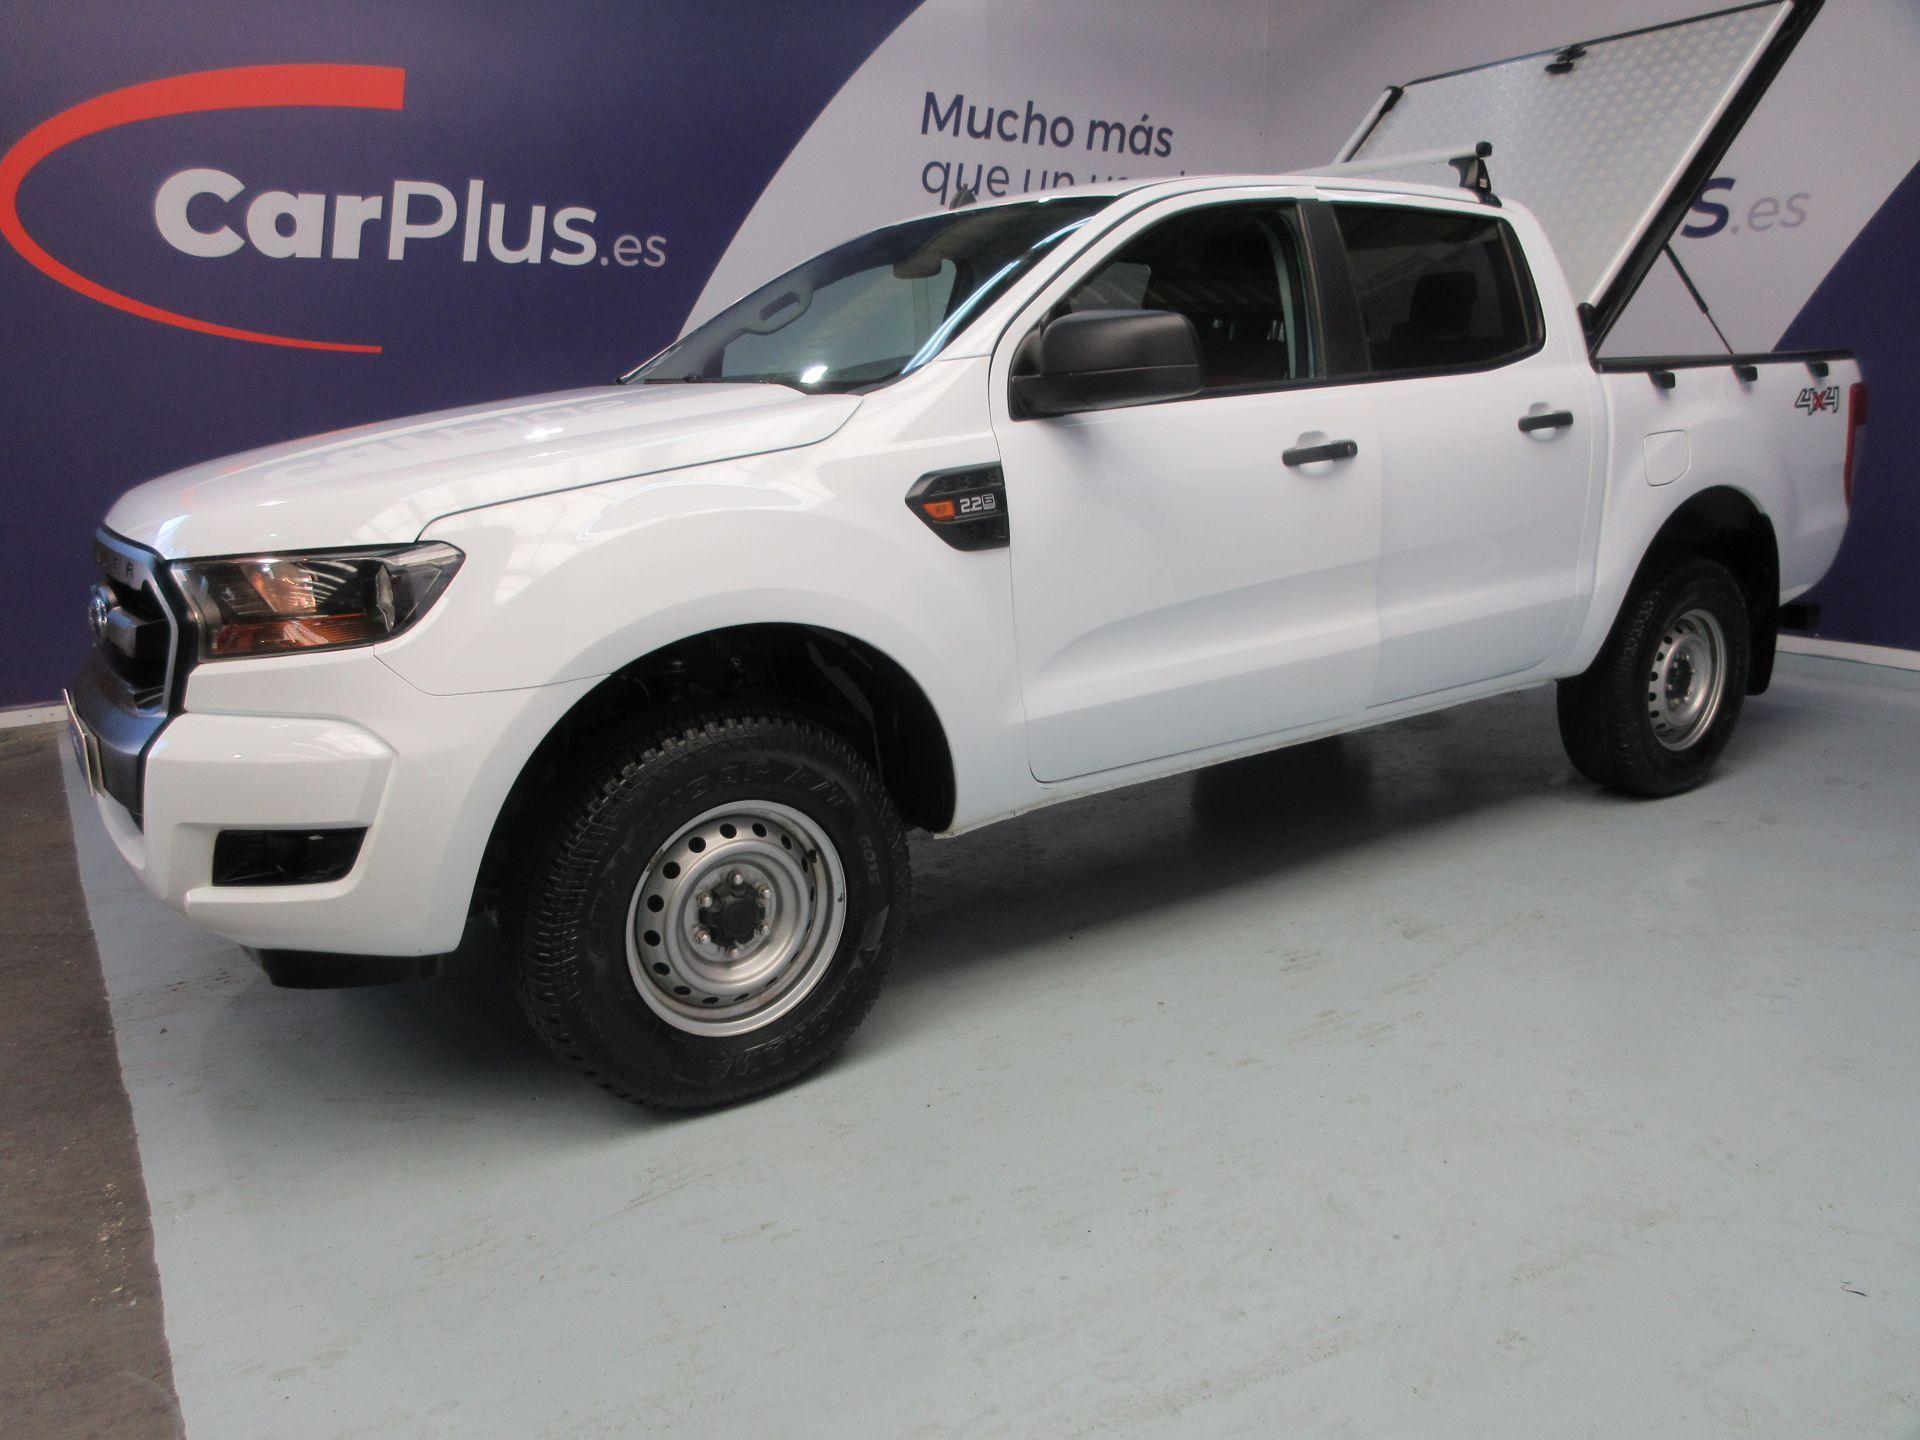 Ford Ranger ocasión segunda mano 2017 Diésel por 19.890€ en Madrid